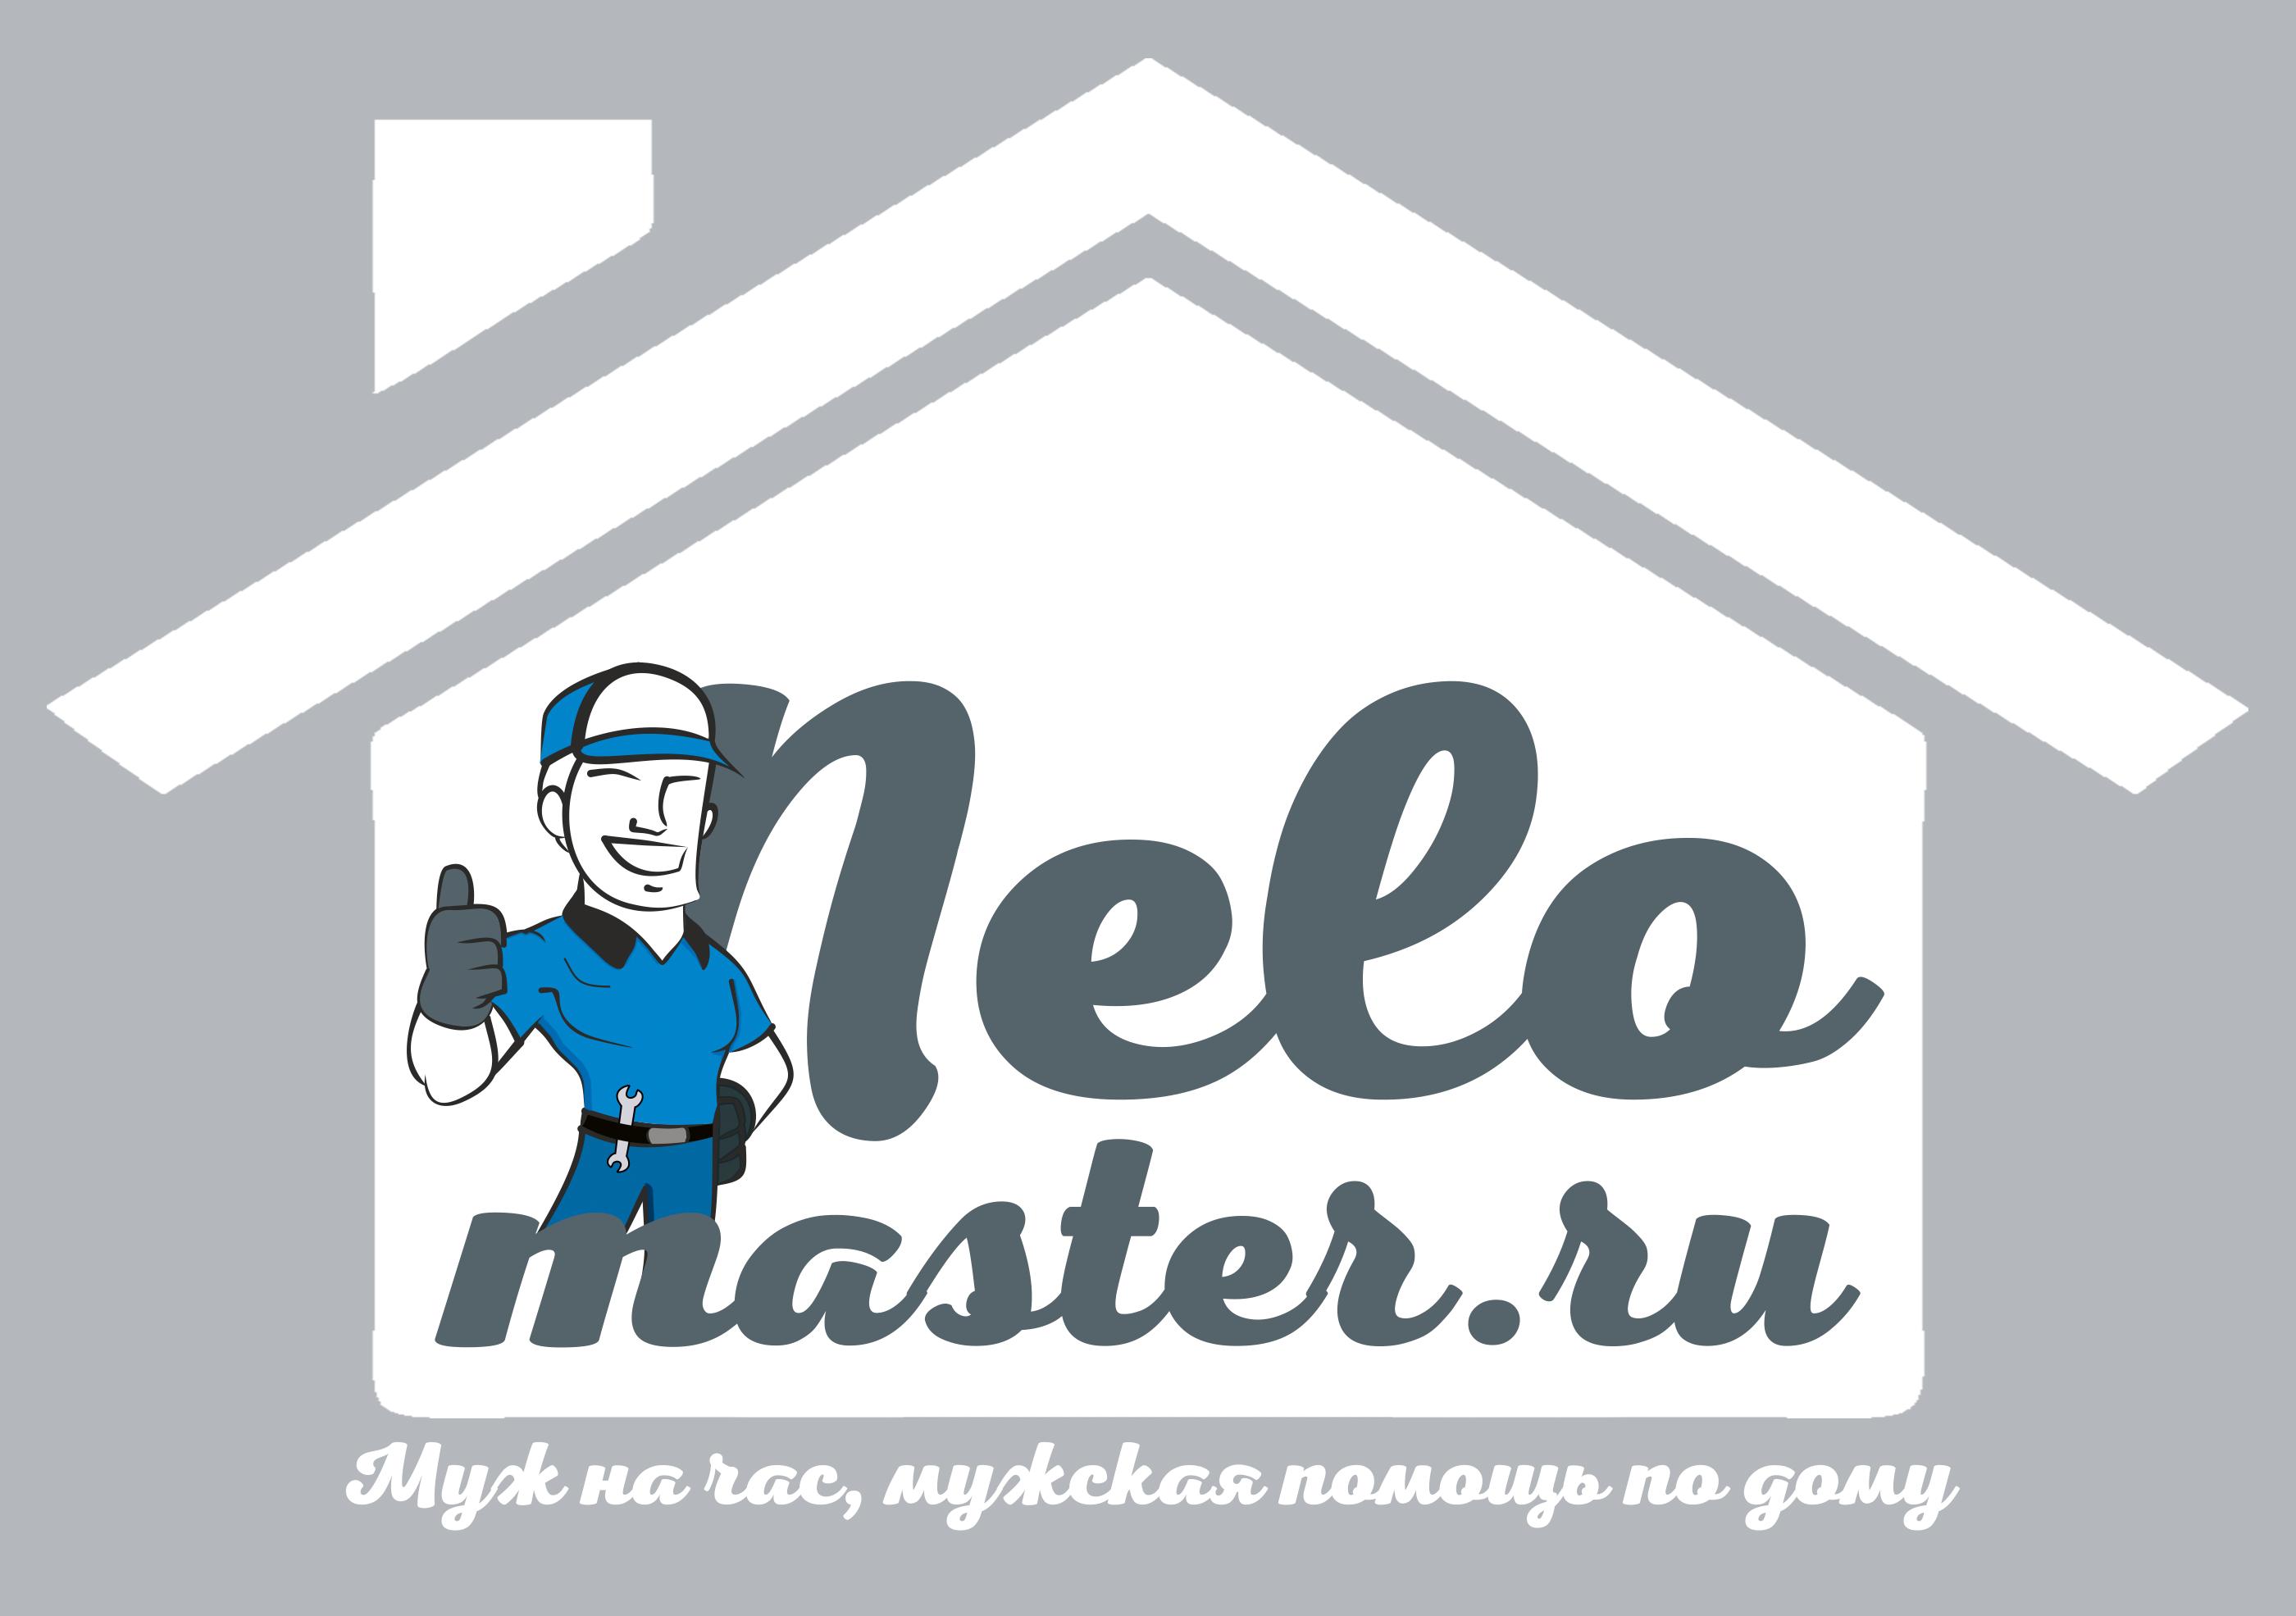 """Логотип сервиса """"Муж на час""""=""""Мужская помощь по дому"""" фото f_6565dbd886b1b539.png"""